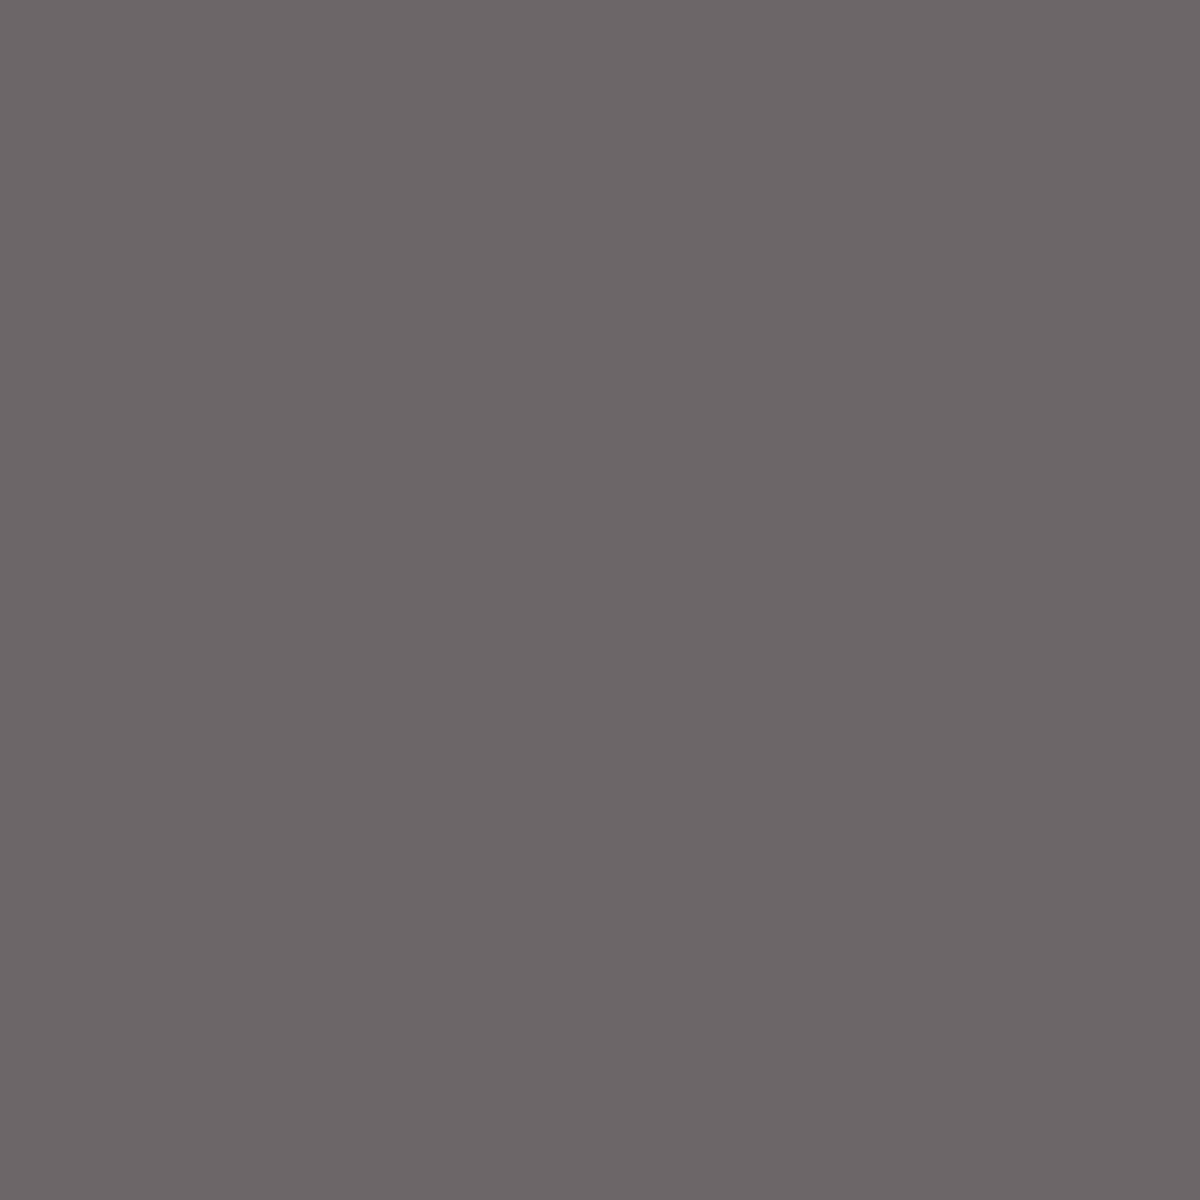 Riley Blake Confetti Cottons- Solids